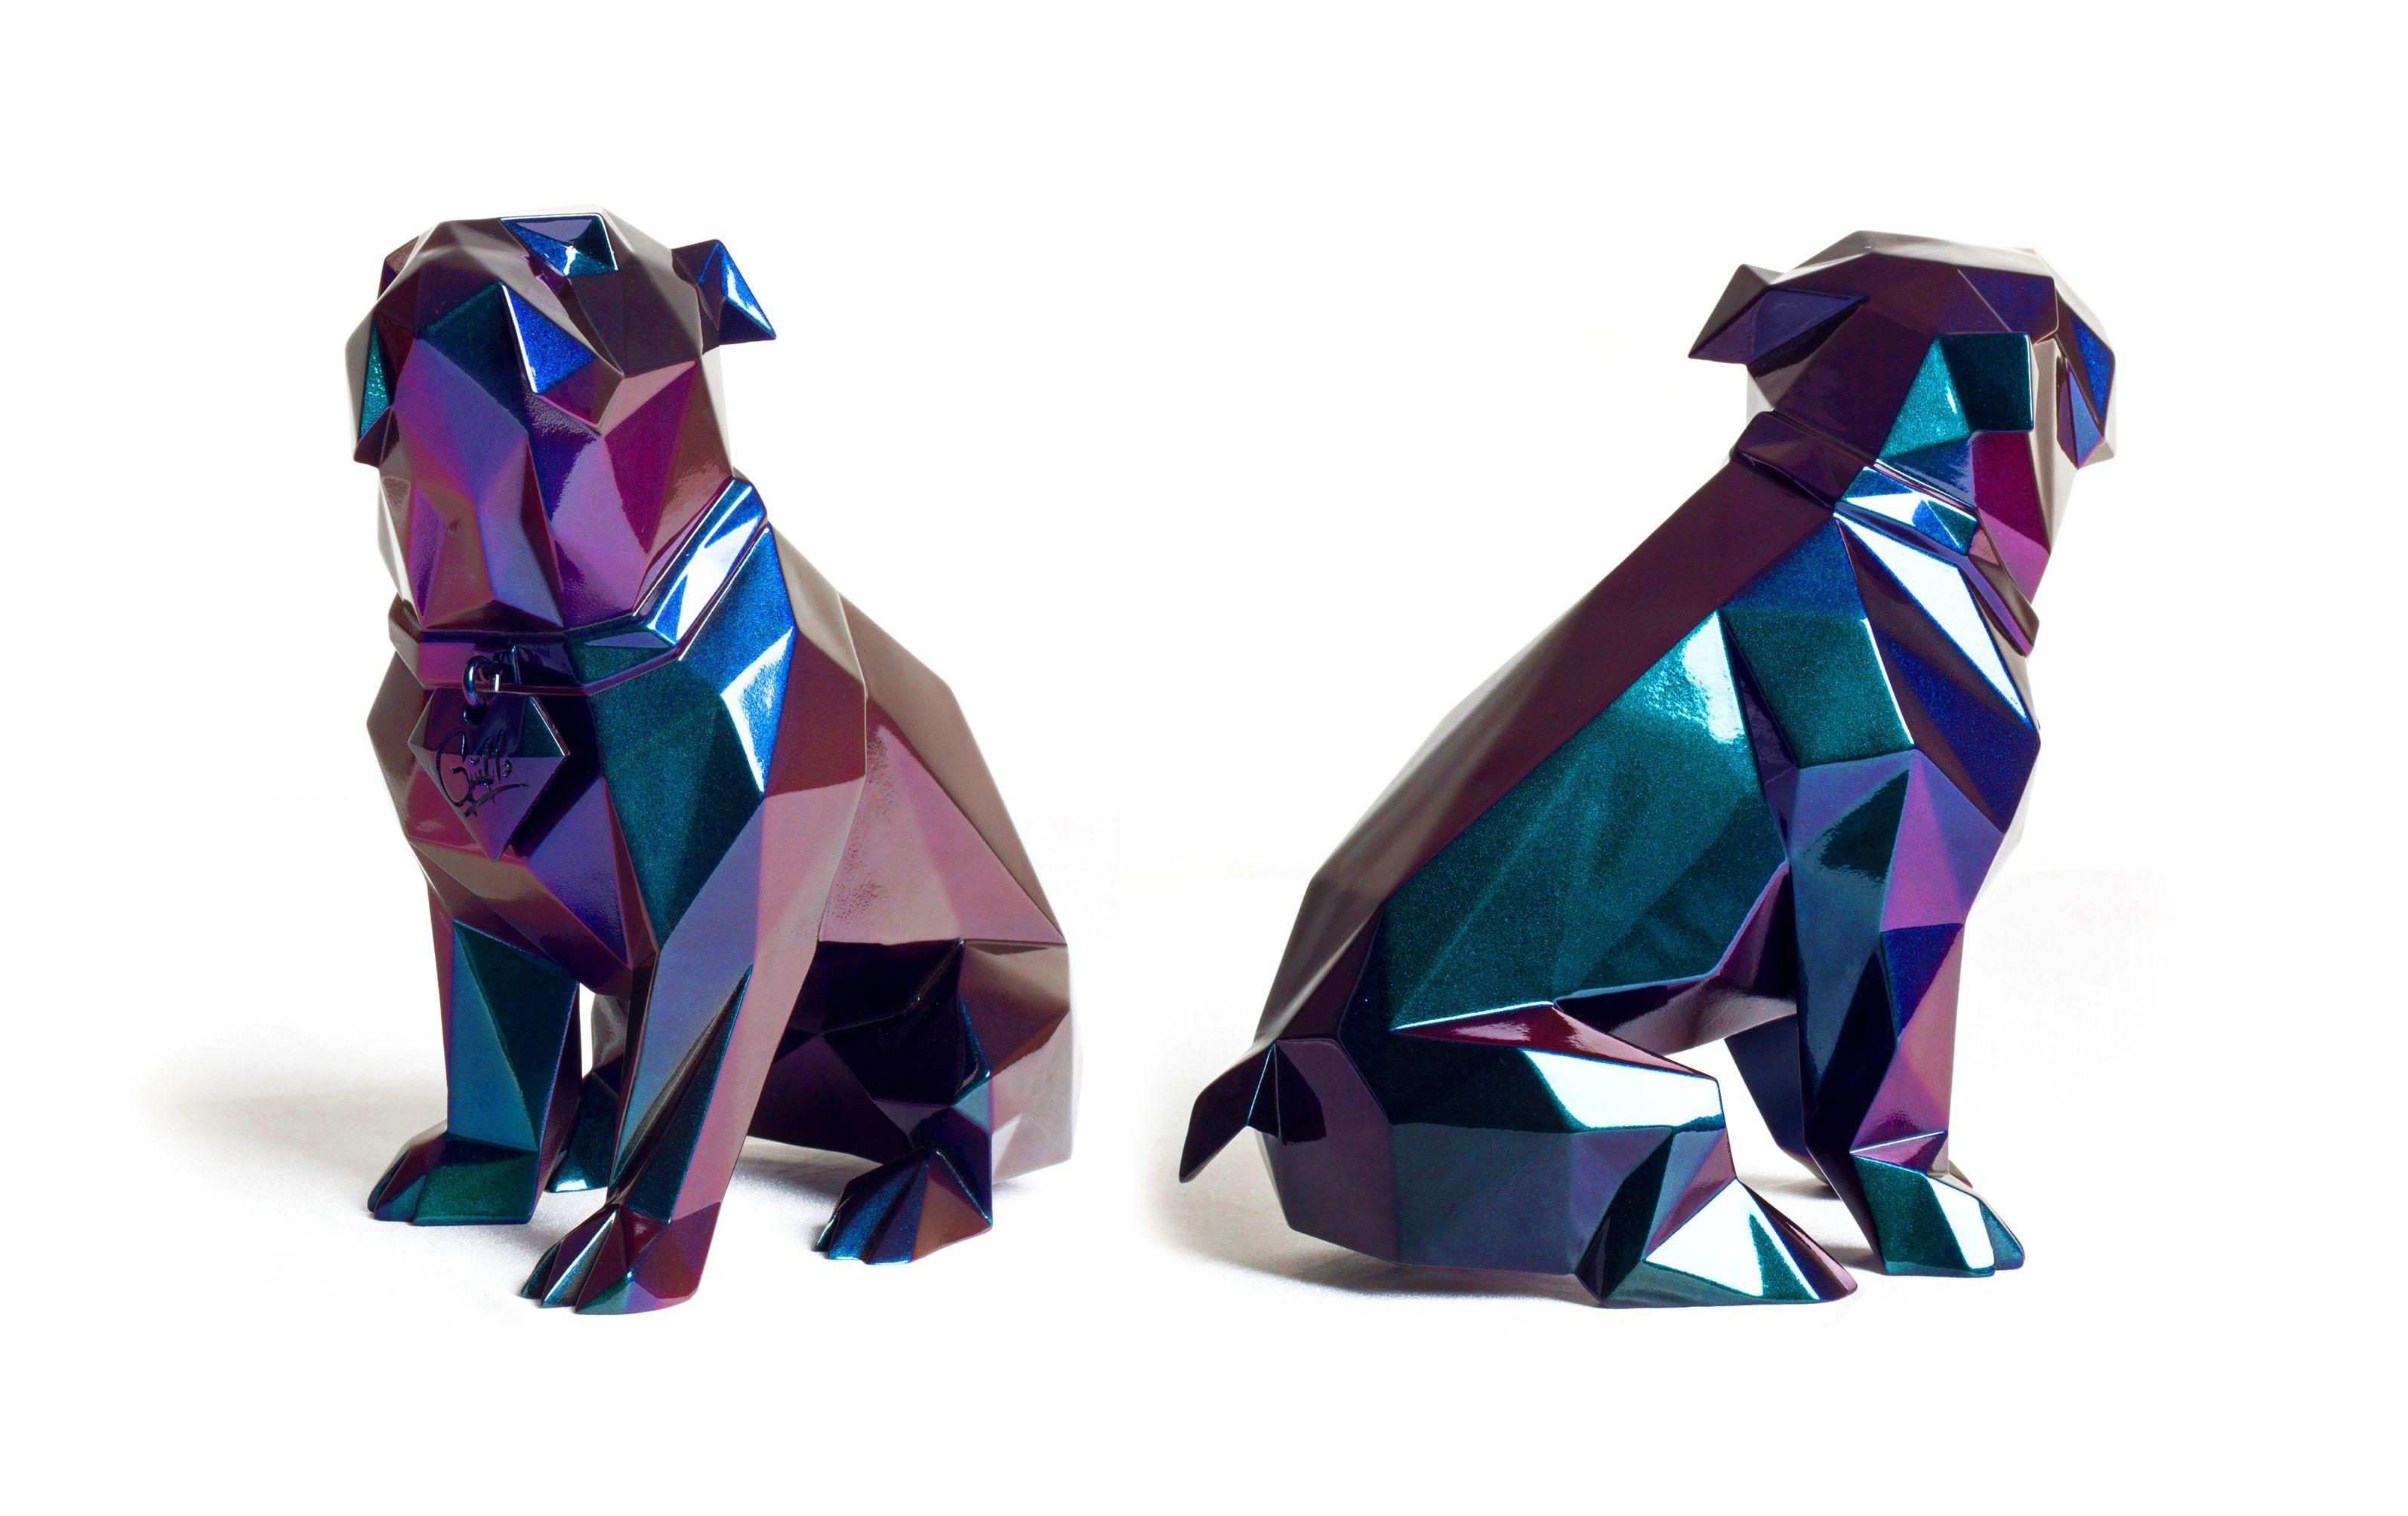 Poly Doggy Escultura polígonal de Bulldog ingles, resina